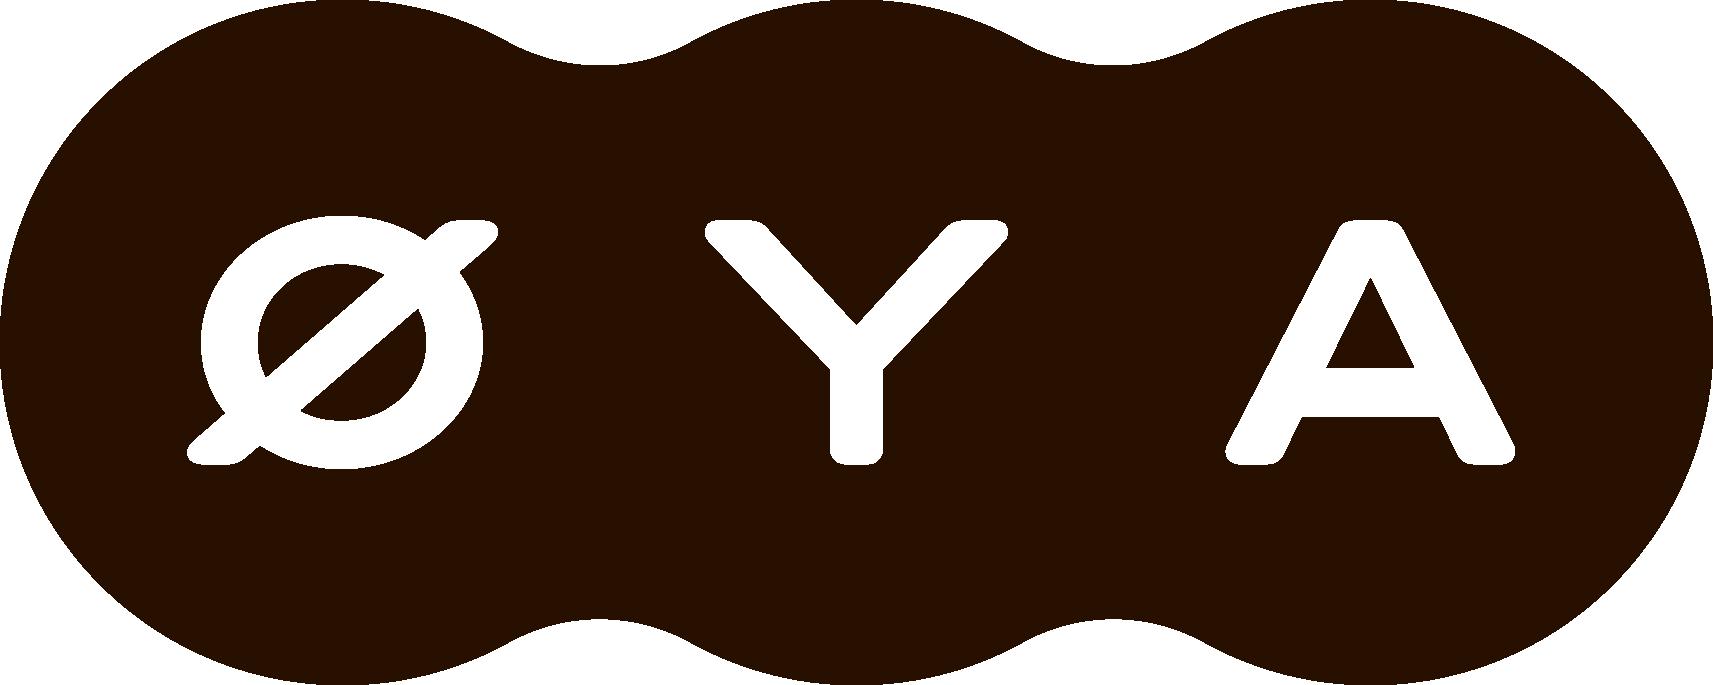 Øyafestivalen's logo.